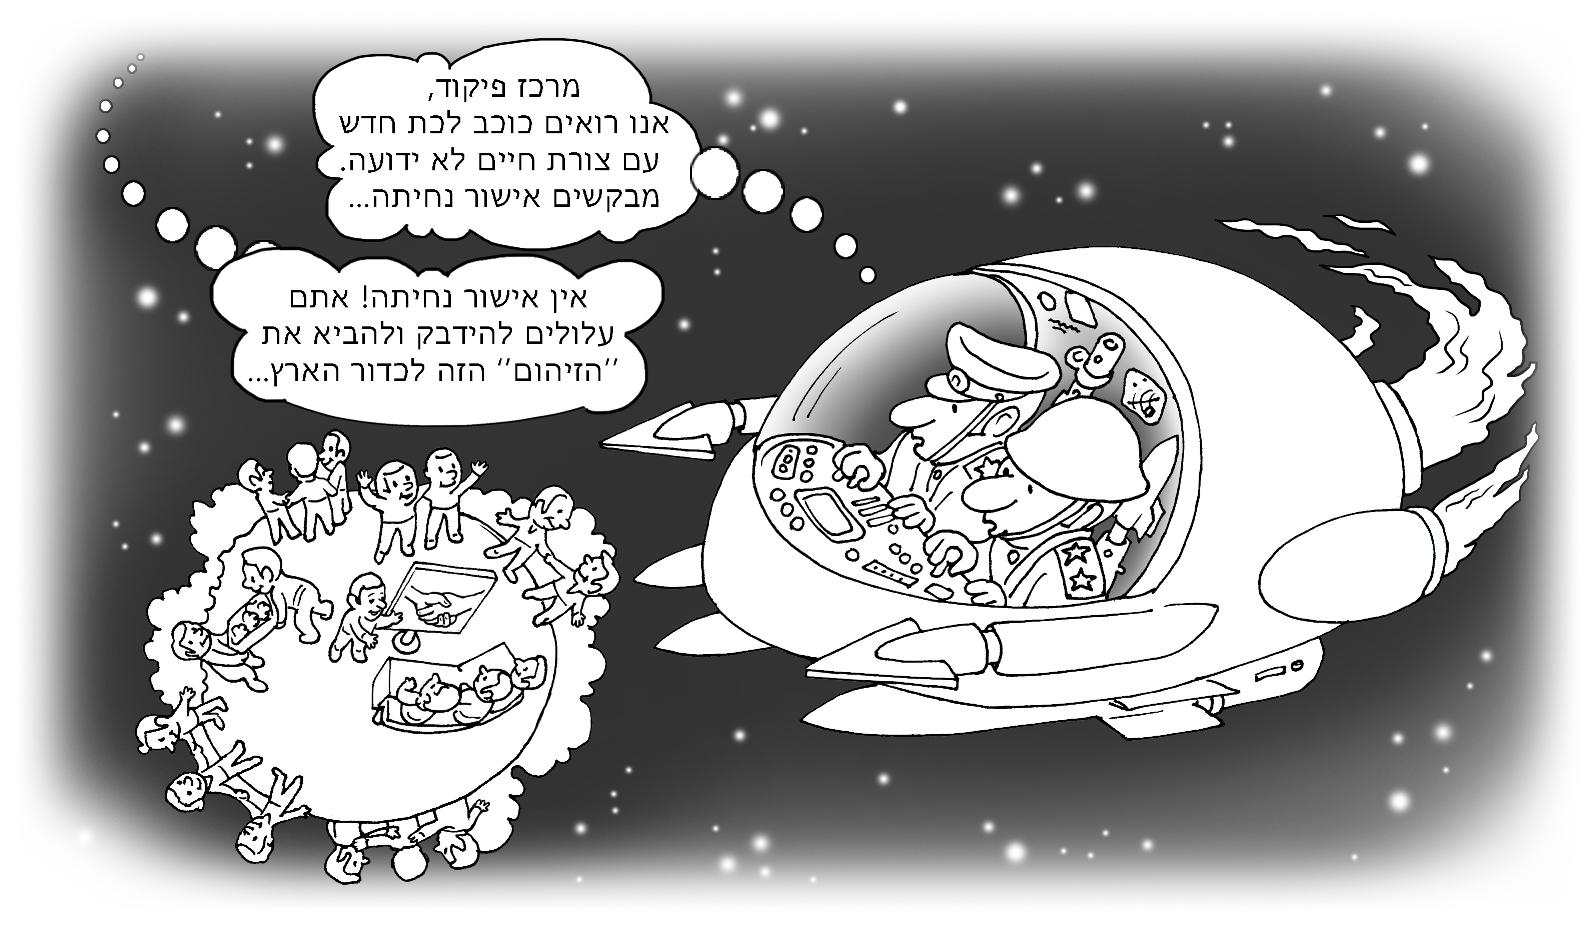 zemlyane-i-planeta-s-neizv-form-zhizni_heb